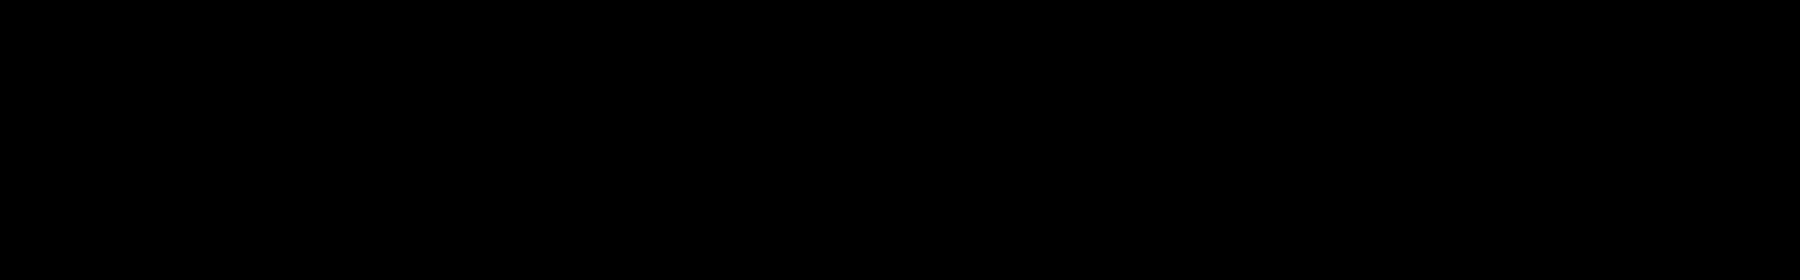 TRND Setter audio waveform